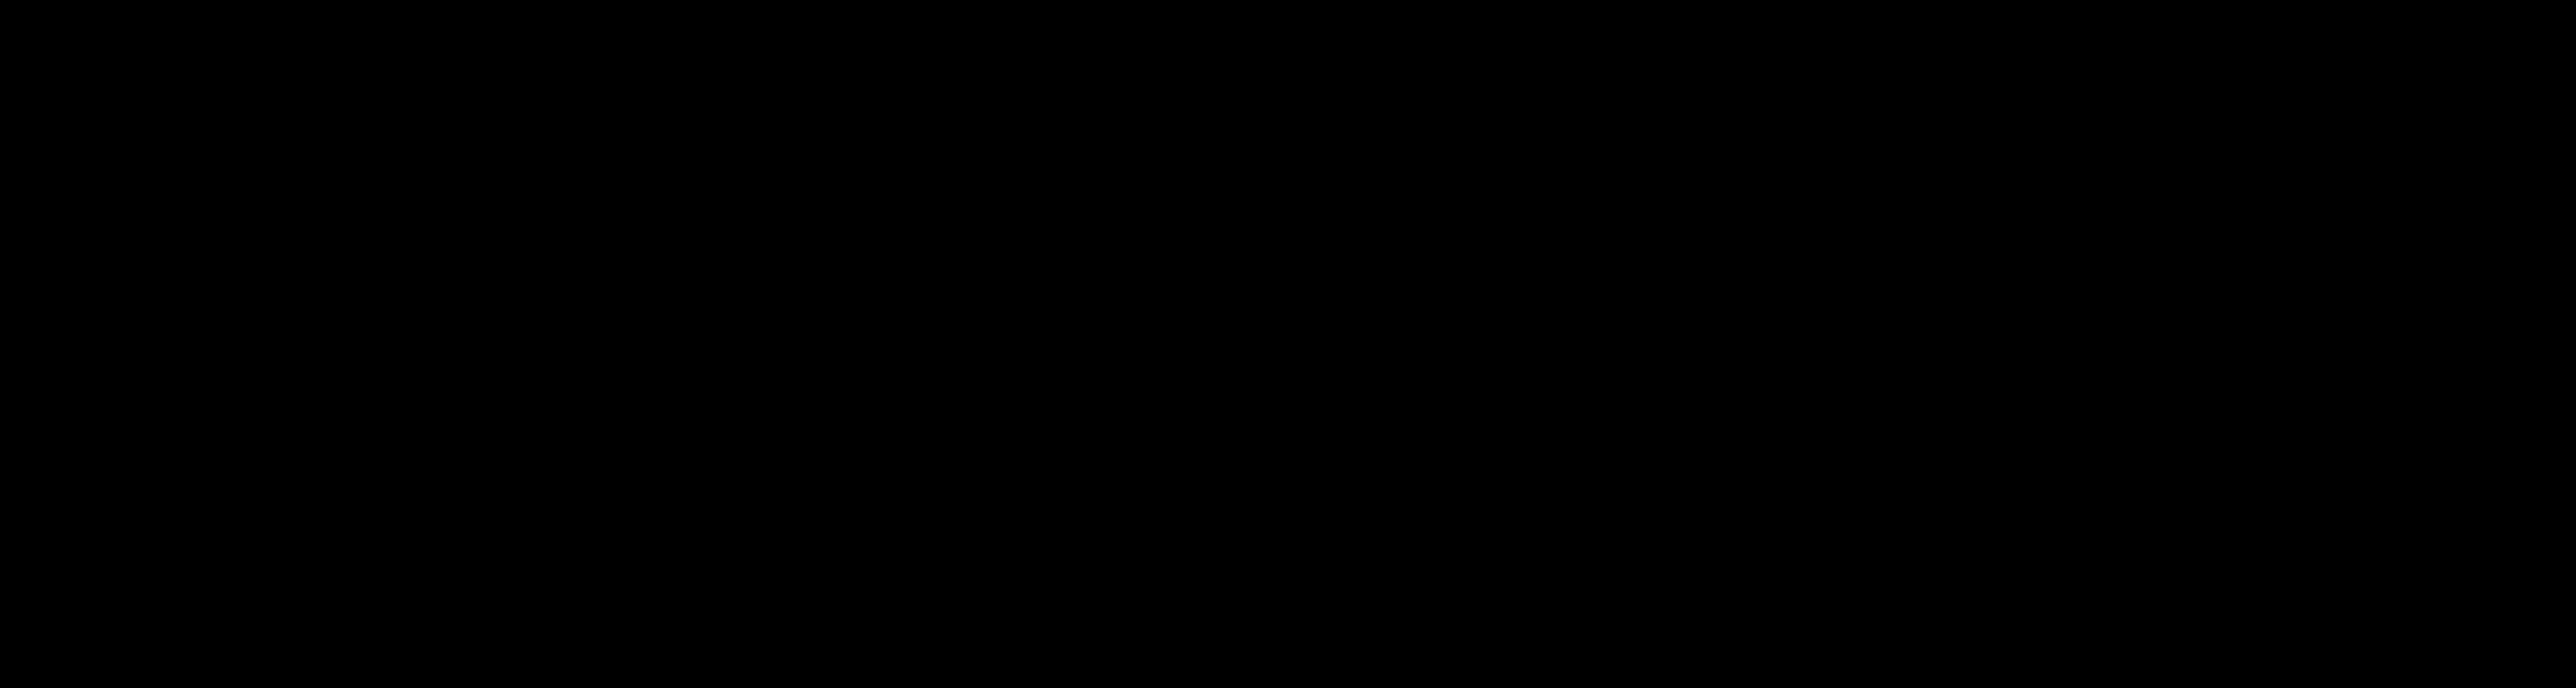 Curcumin-d<sub>6</sub> dialkyne